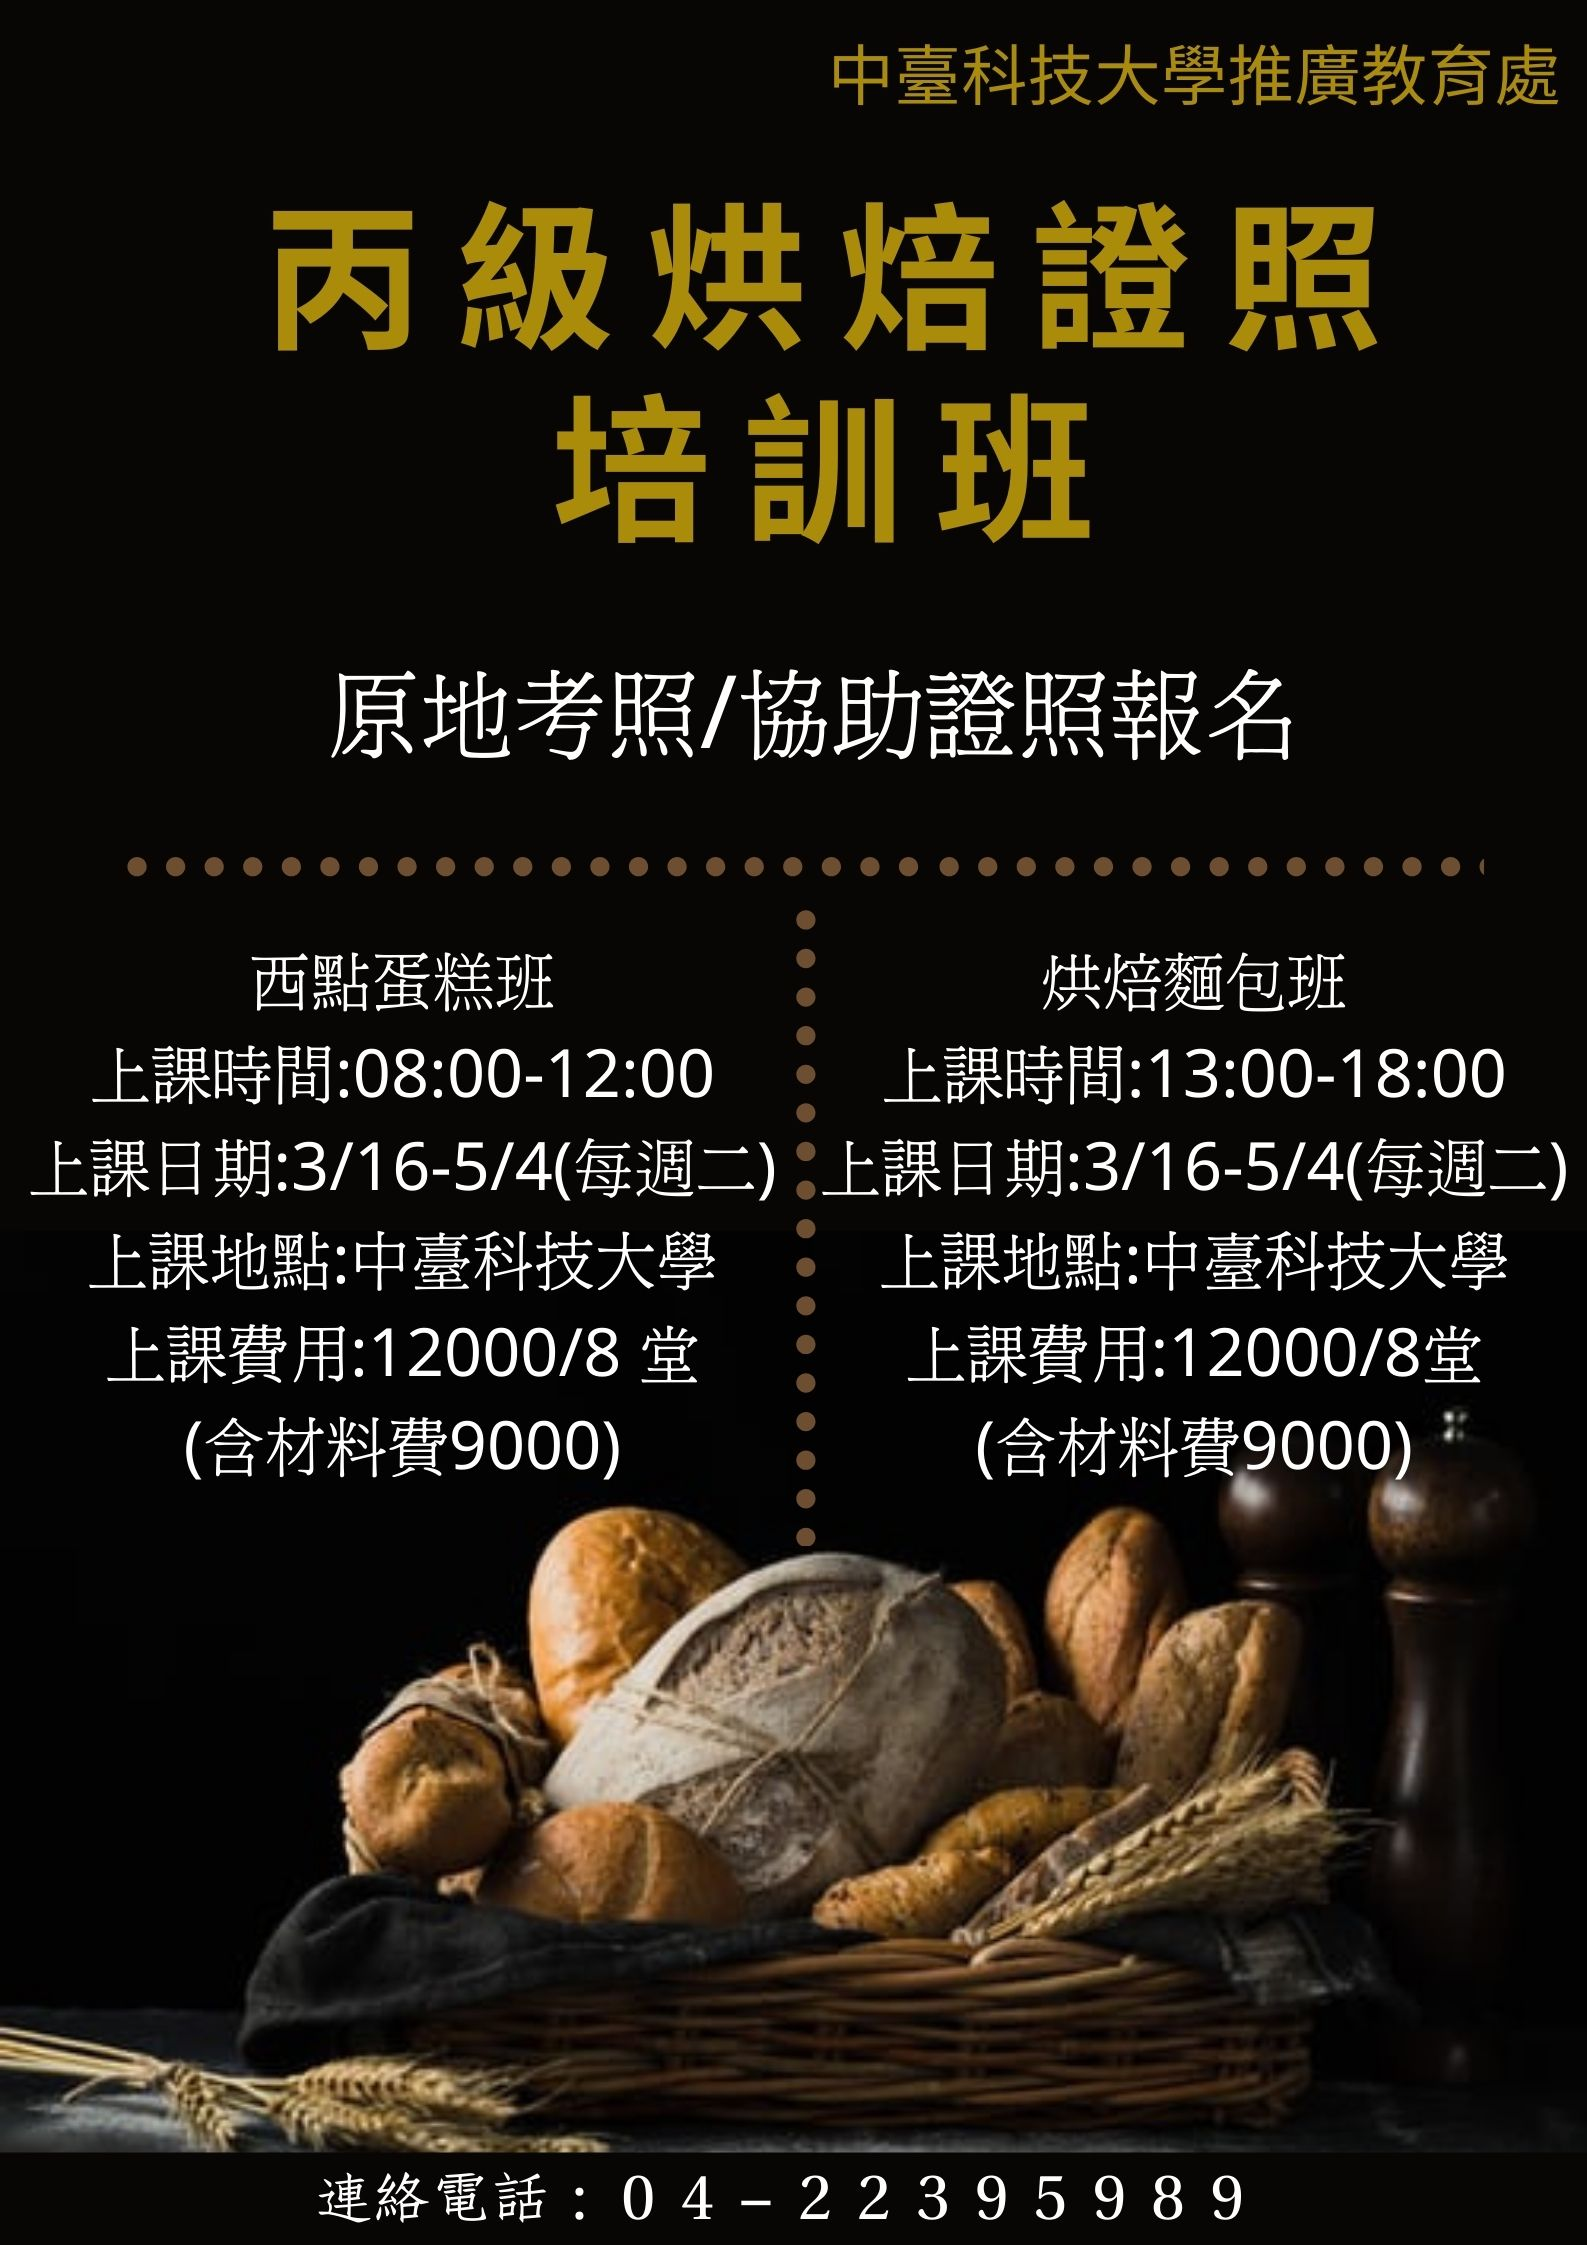 丙級烘焙培訓班 (2)